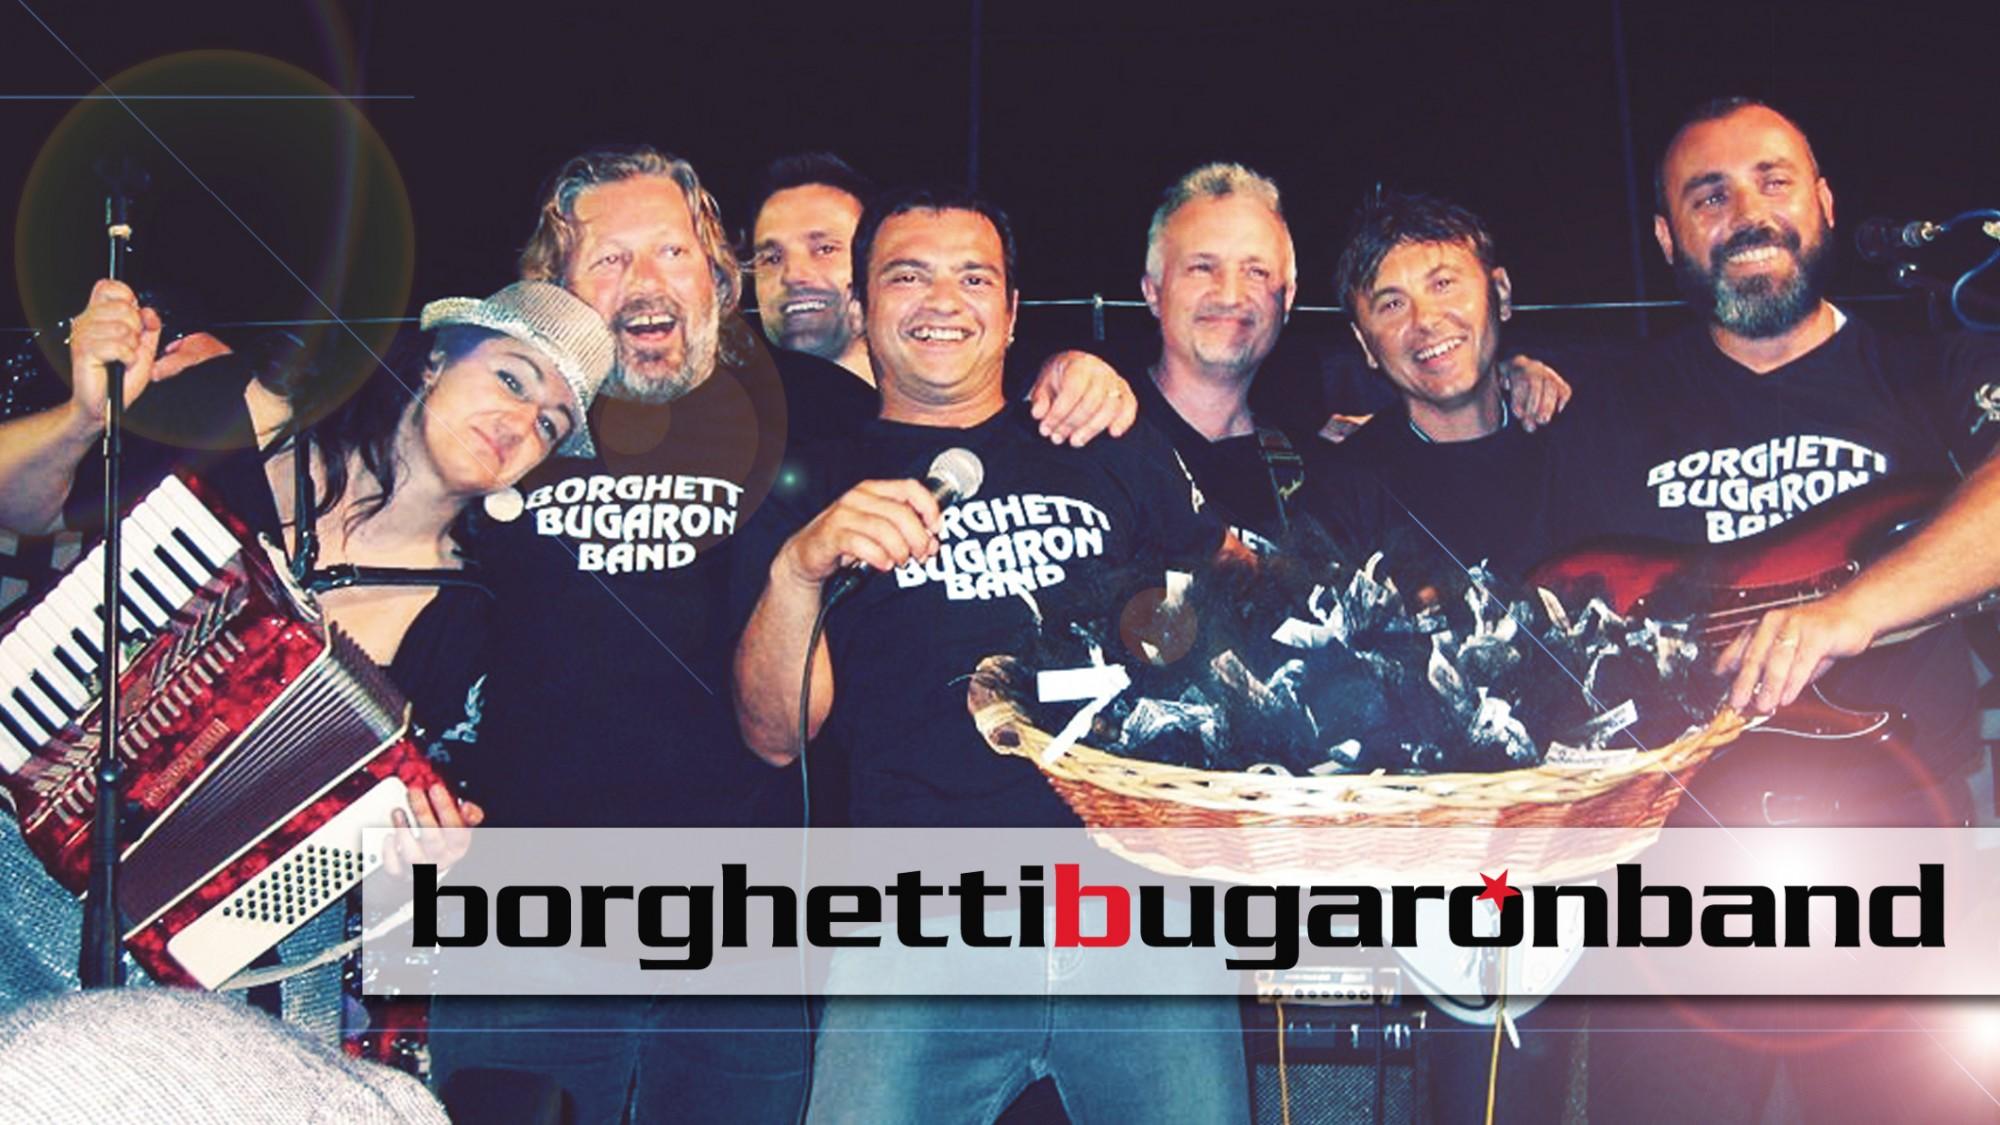 Documentario-Borghetti-Bugaron-Band